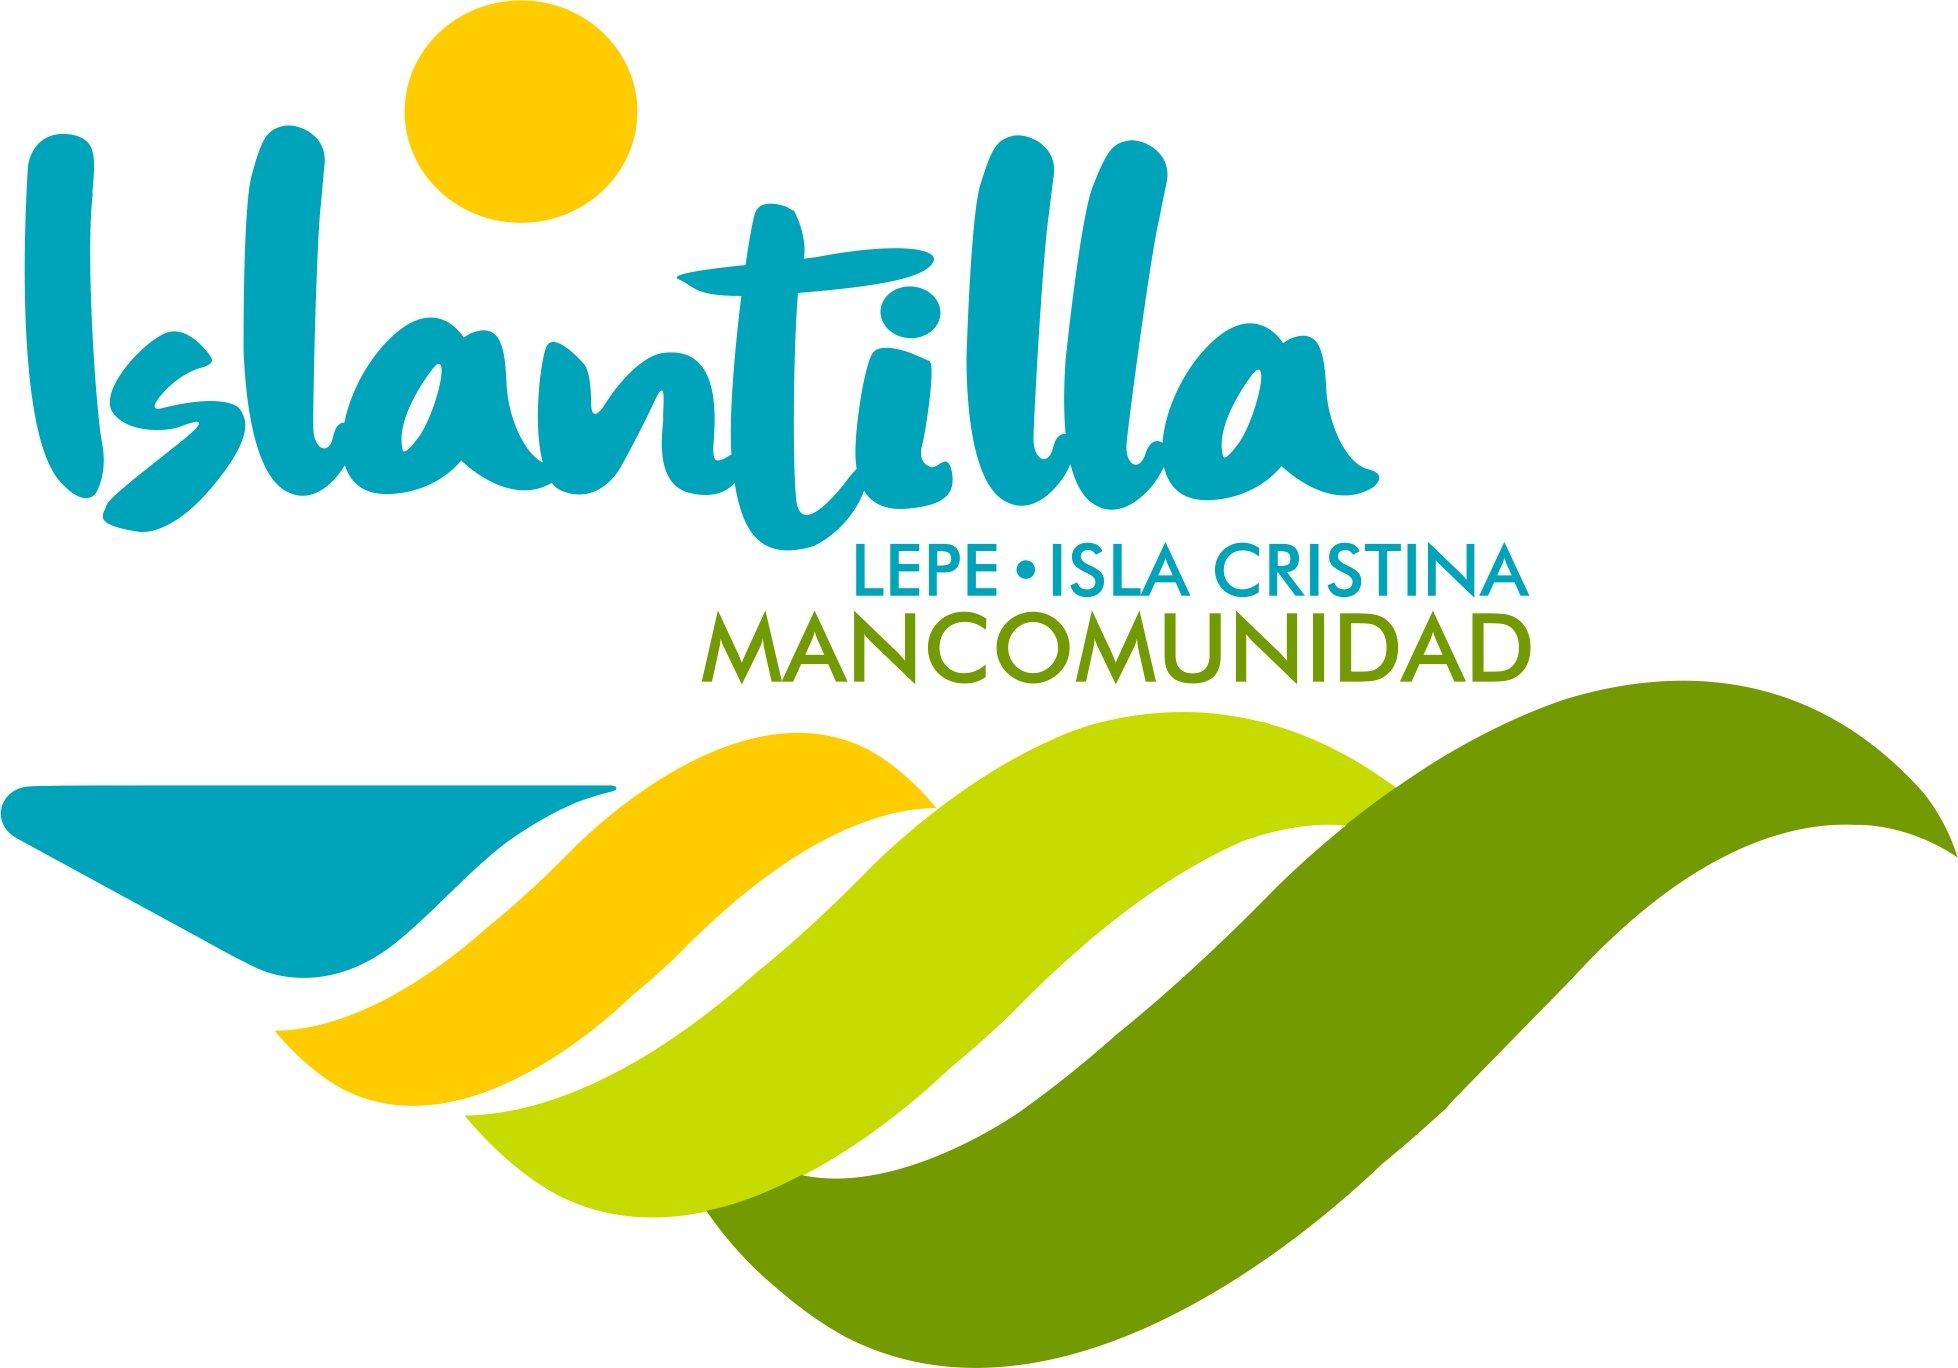 logo-color-mancomunidad